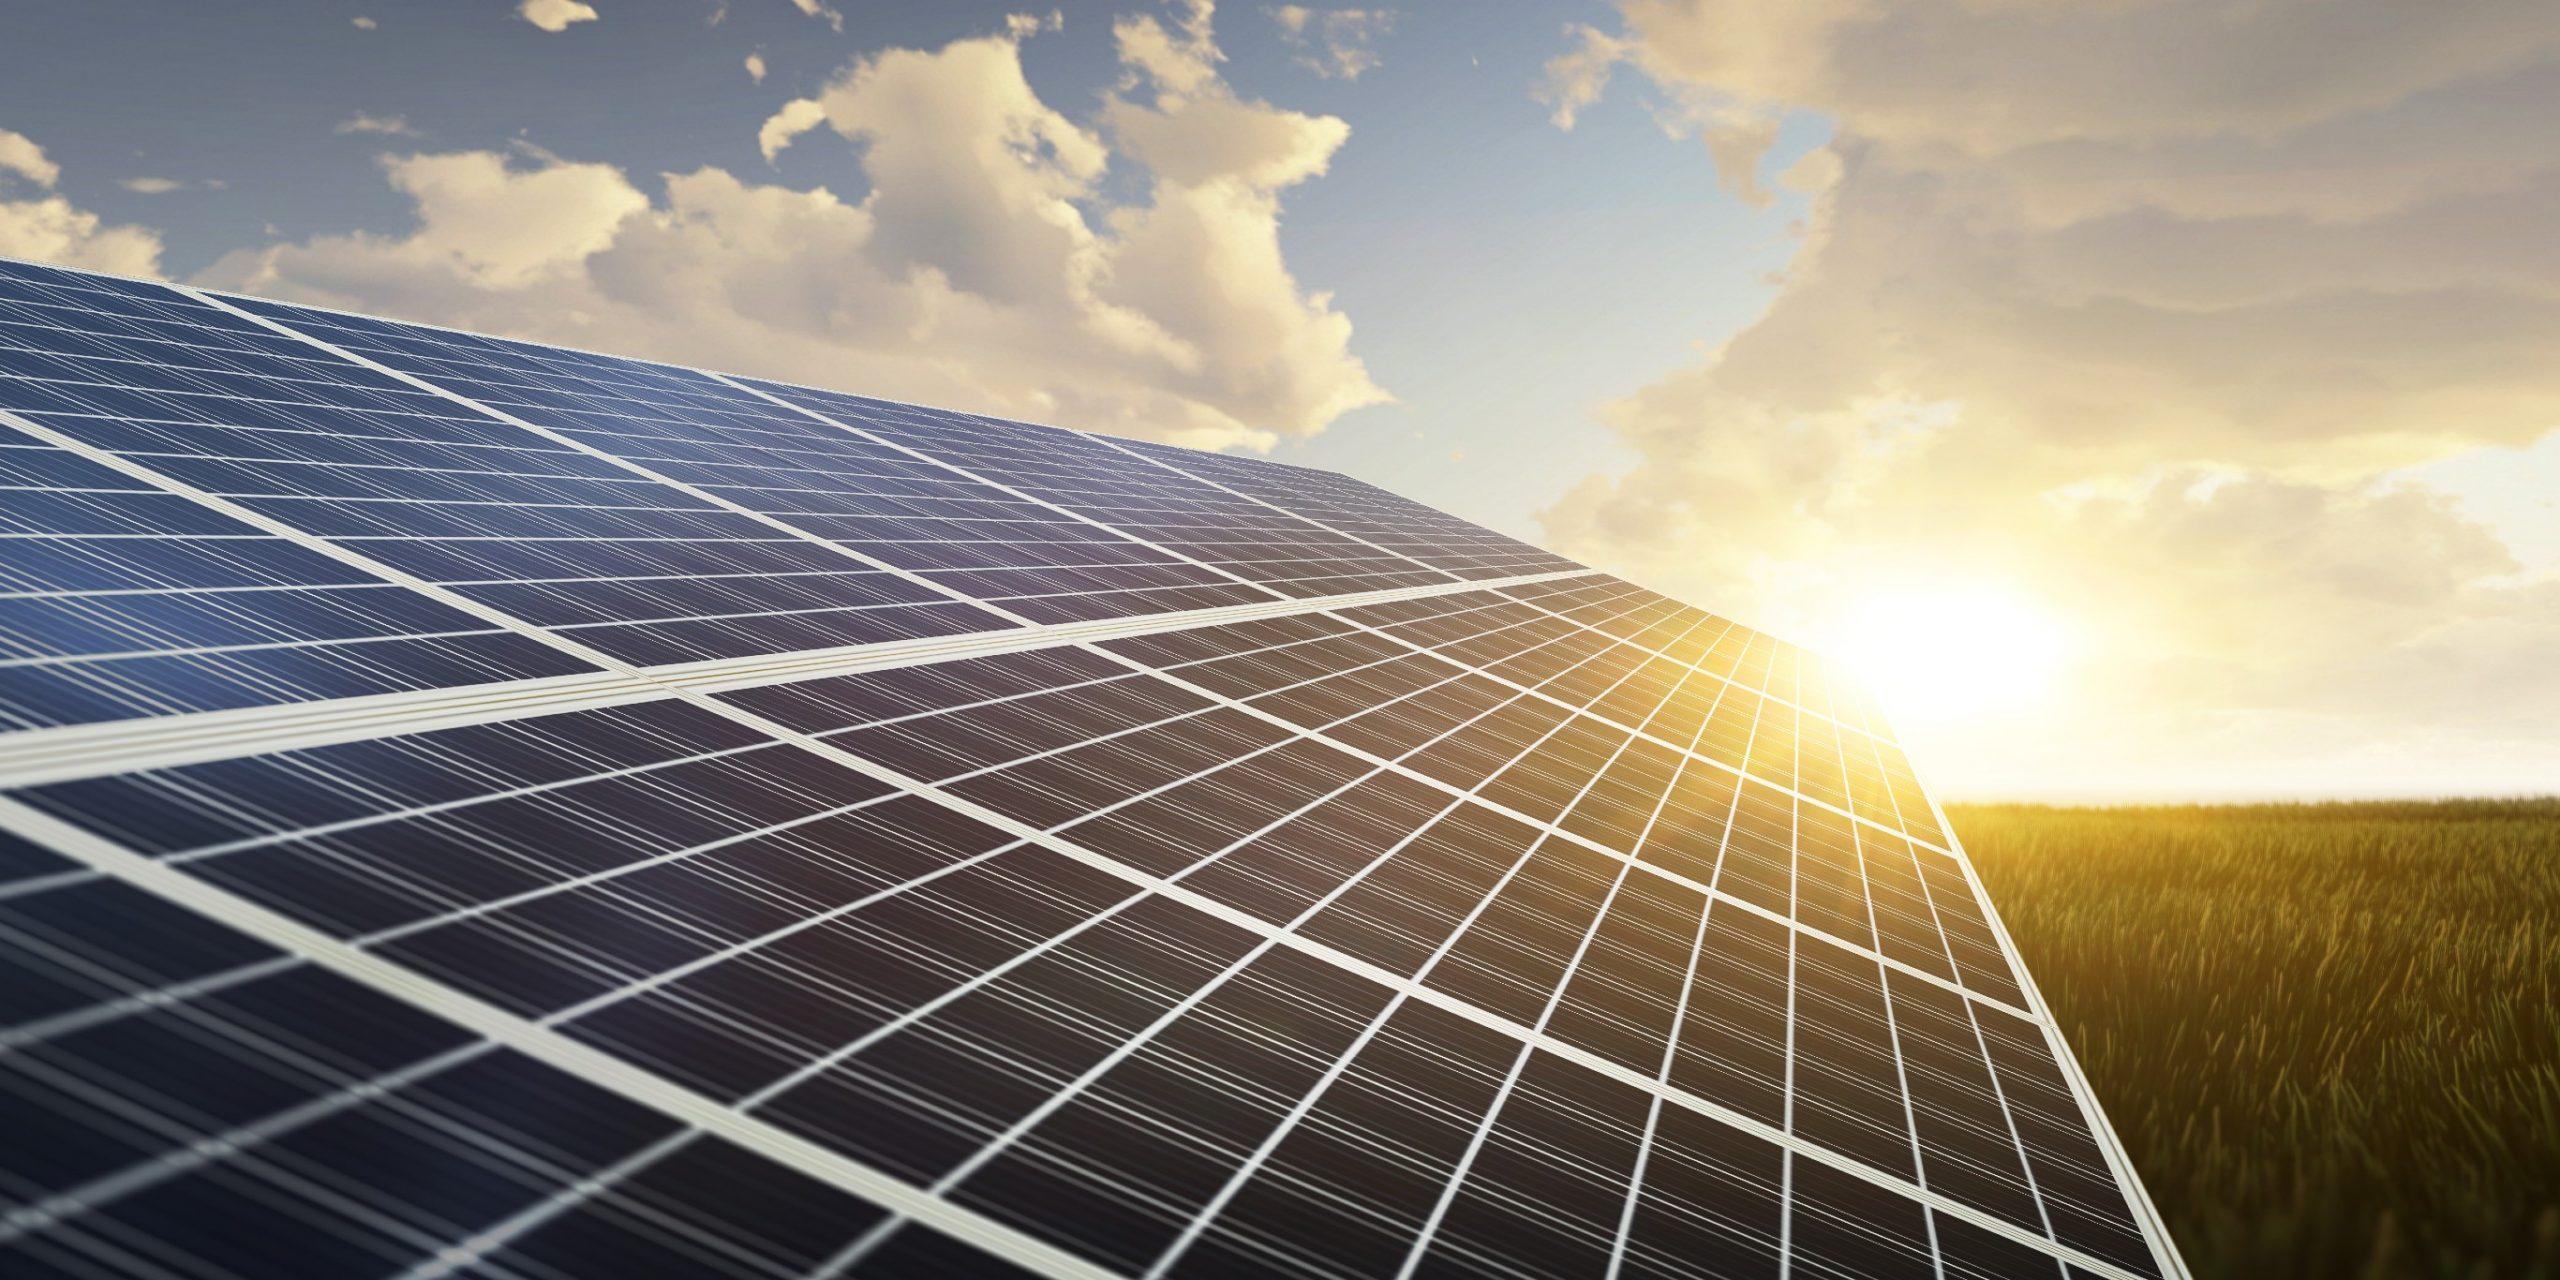 Produção de renováveis atinge novo máximo histórico em fevereiro